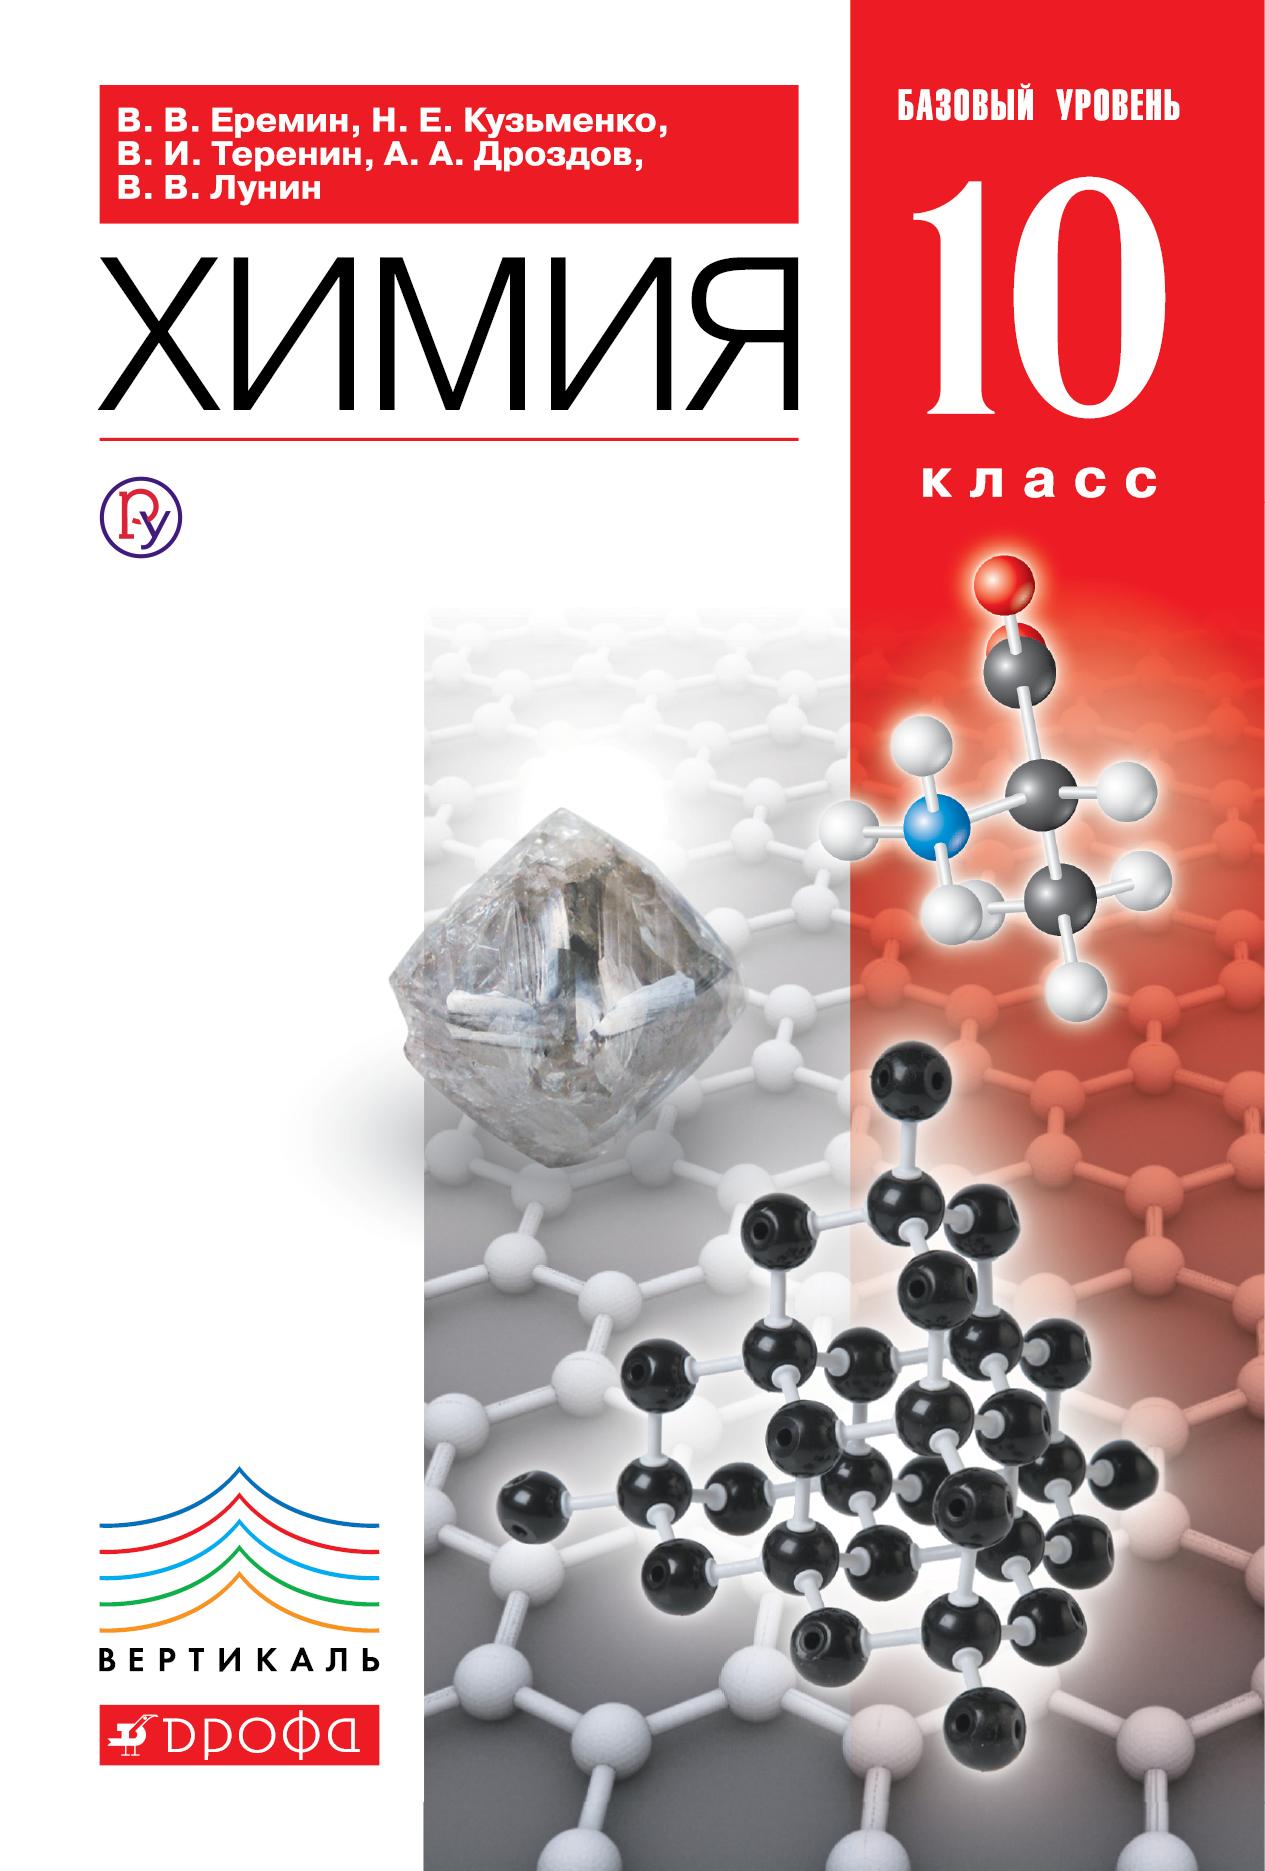 Химия.10 класс. Учебник.Базовый уровень ( Еремин В.В., Дроздов А.А., Кузьменко Н.Е.  )